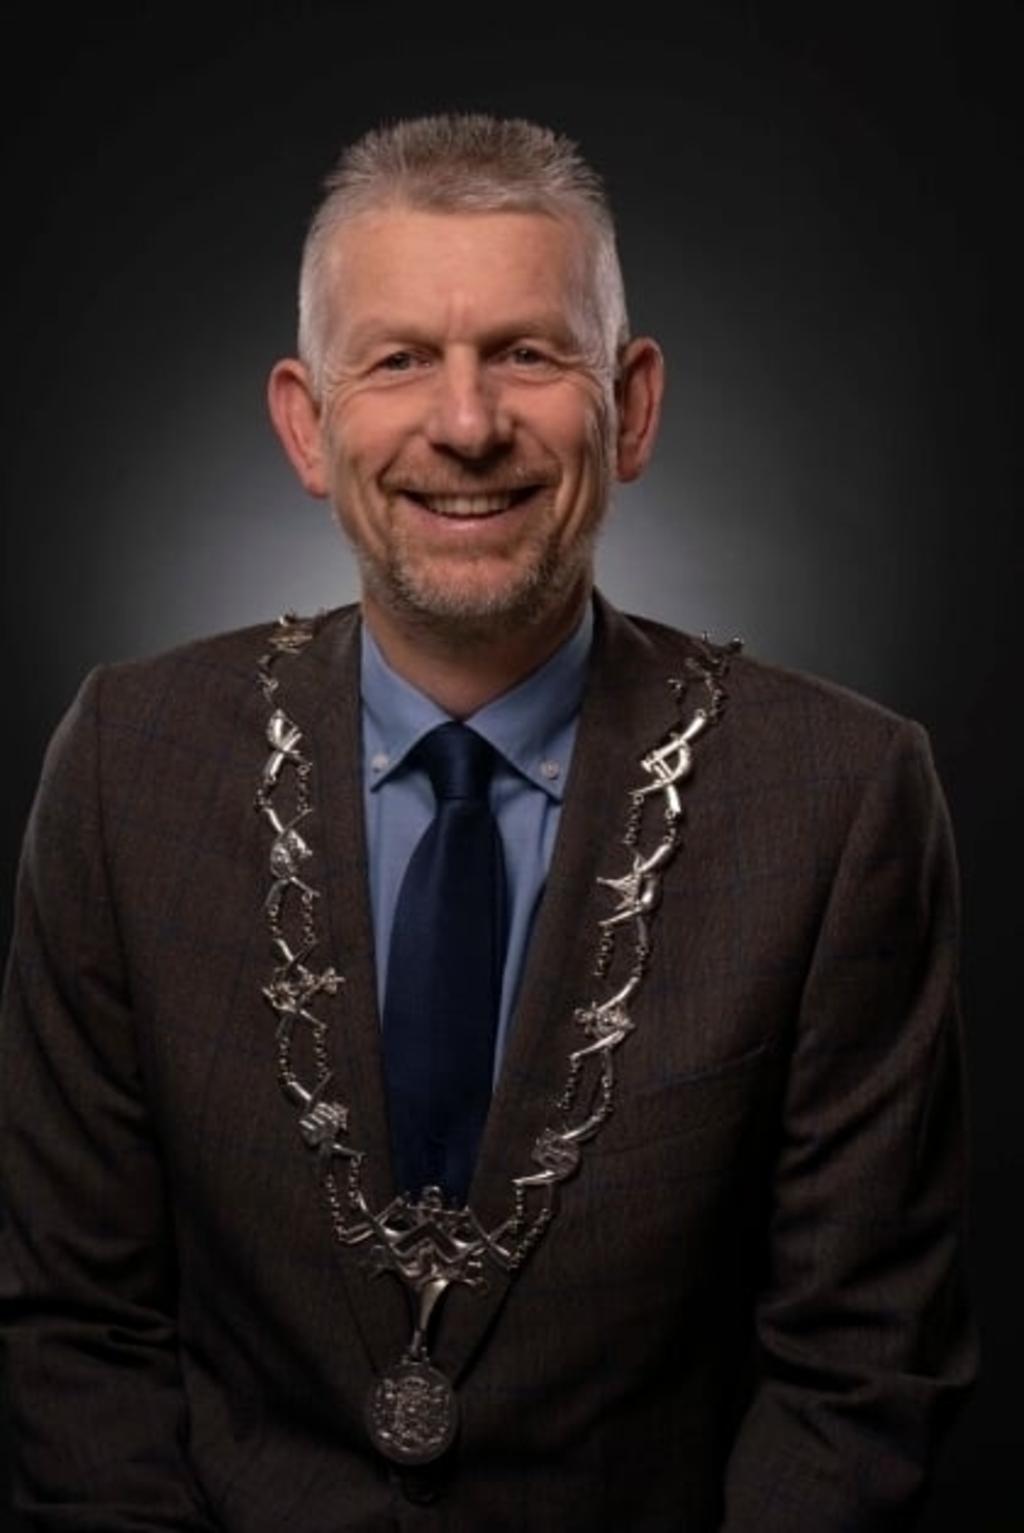 Burgemeester Jan de Boer. (Foto: aangeleverd) © rodi